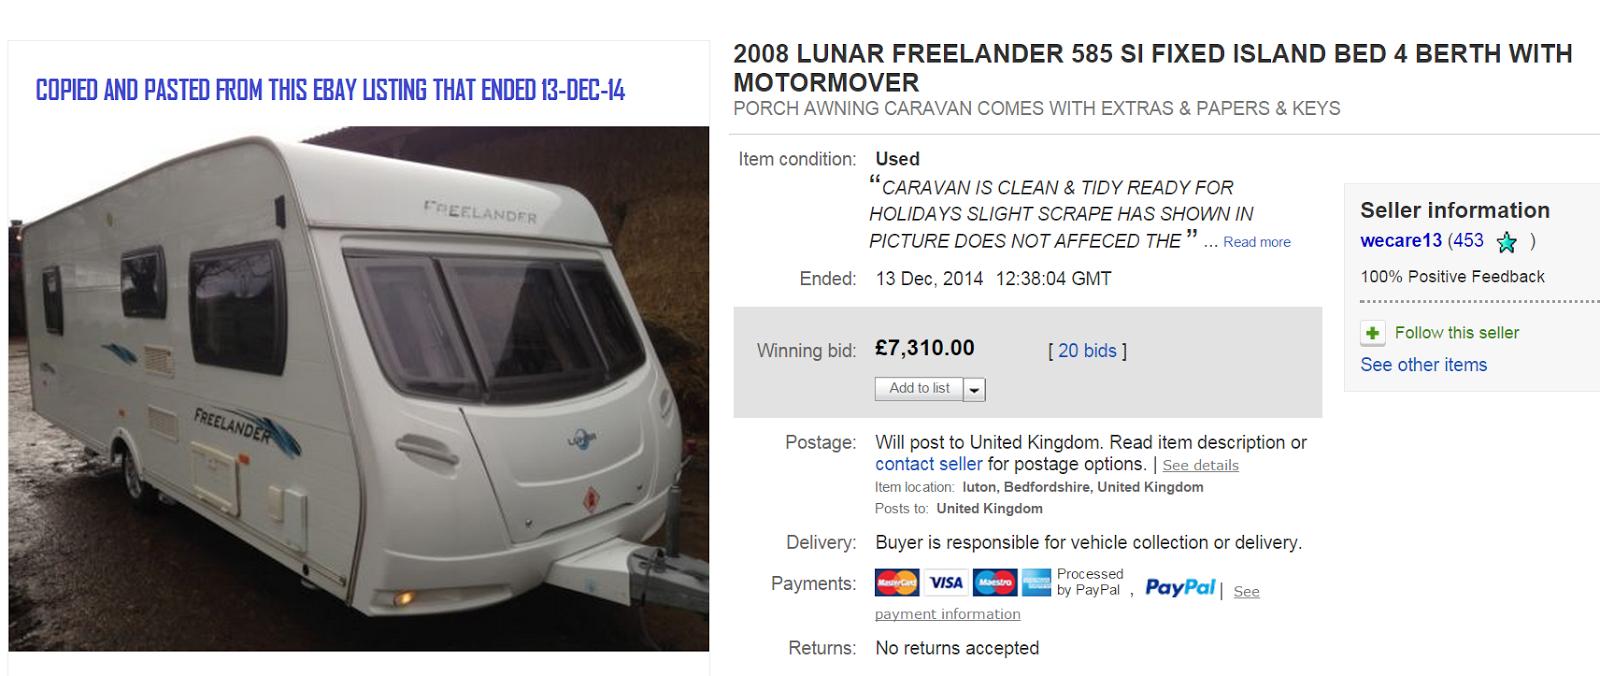 Scam On Ebay 2008 Lunar Freelander 585 Caravan Fraud 12 Jan 15